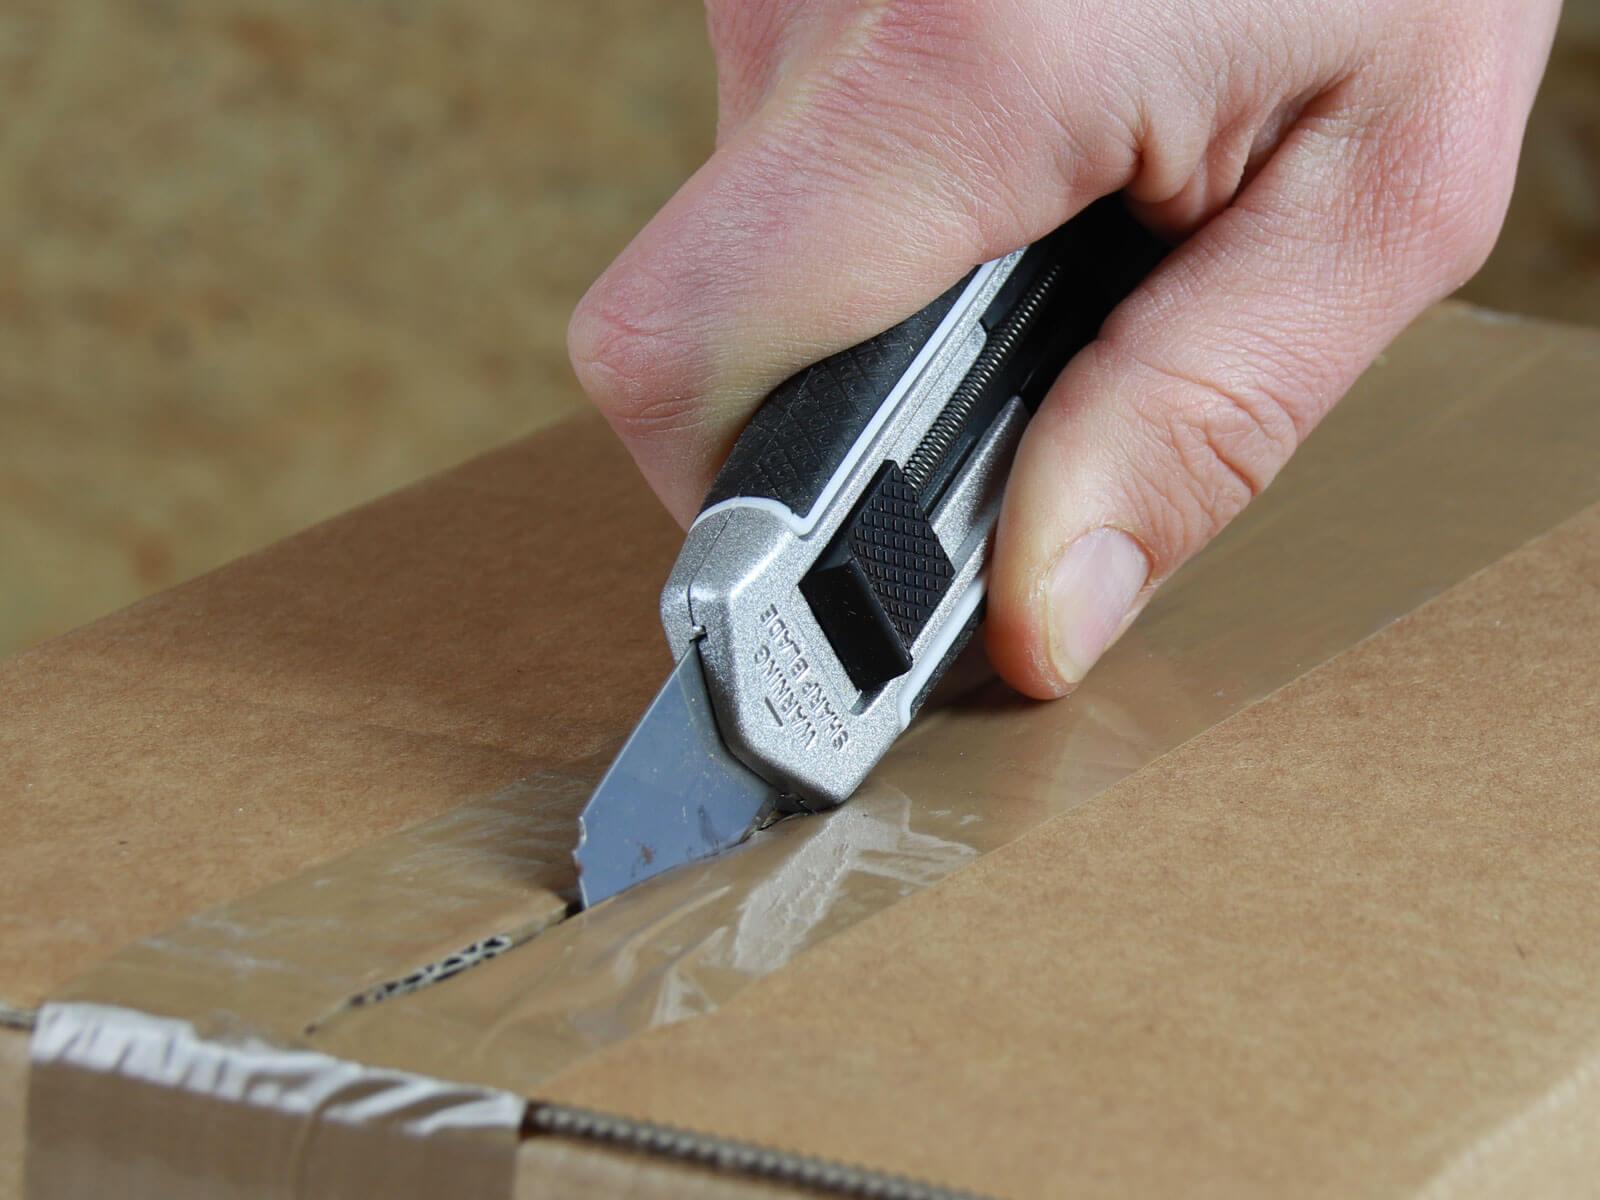 U002 Sicherheitsmesser automatischer Klingenrückzug lang Klebeband-schneiden CURT-tools